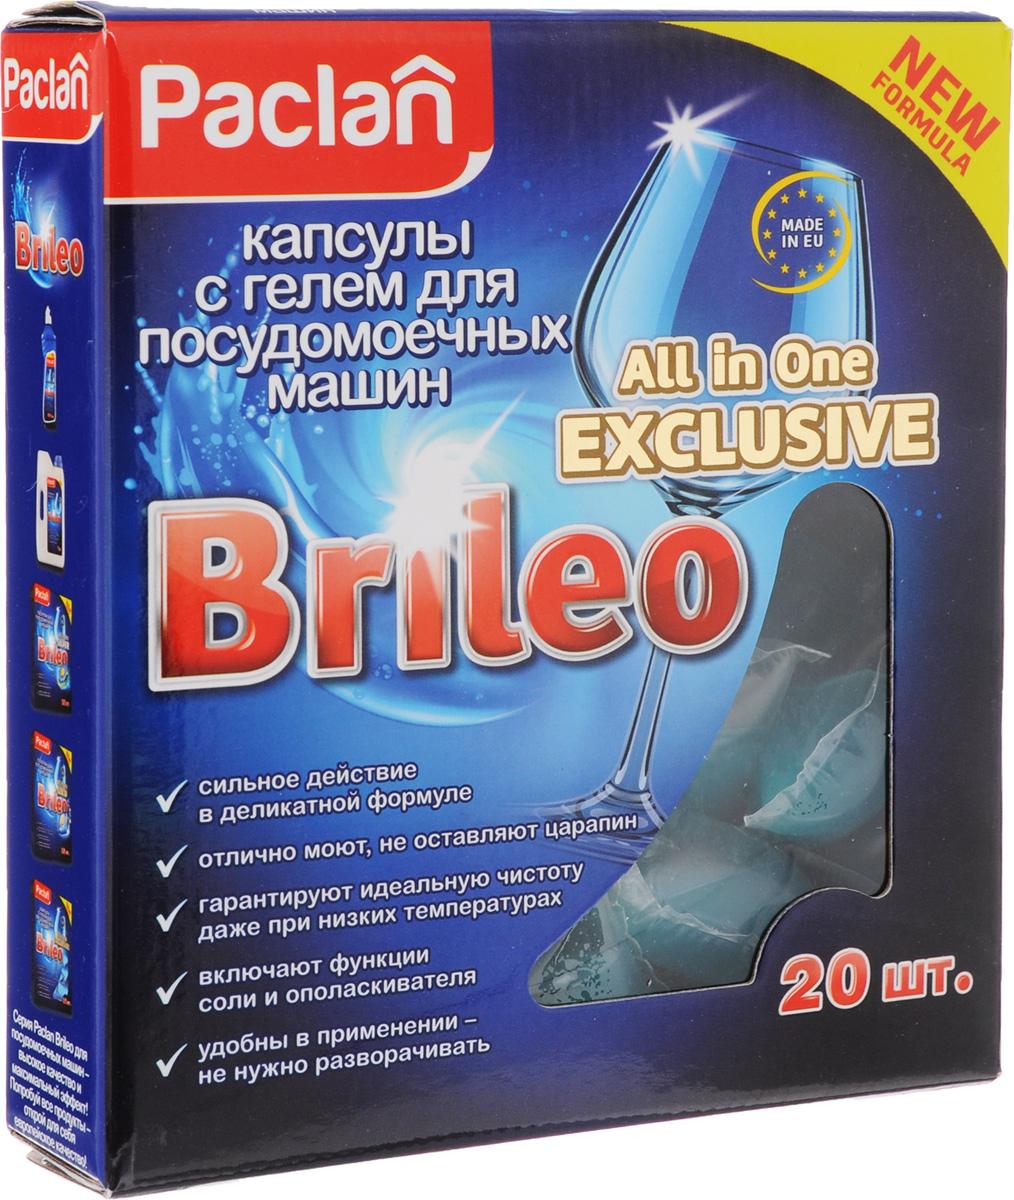 Капсулы с гелем для посудомоечных машин Paclan Brileo. All in One Exclusive, 20 шт3003Paclan Brileo. All in One Exclusive - активные капсулы с гелем для мытья посуды в посудомоечных машинах. Специальная высокоэффективная формула капсул позволяет отмывать самые сильные загрязнения даже при температуре 40 градусов. Идеальное средство для коротких программ посудомоечных машин: гелевая структура мгновенно растворяется в воде и начинает действовать. Благодаря действию энзимов капсулы растворяют жир, белки и крахмал, из которых состоят трудносмываемые, засохшие остатки пищи. Выполняют функцию ополаскивателя, не оставляя следов и разводов на посуде. Капсулы смягчают воду и защищают посудомоечную машину от накипи. Не содержат фосфатов. Водорастворимая упаковка дает возможность избежать контакта кожи рук с химическими элементами геля.Состав: неионные ПАВ, поликарбоксилаты, отдушка, энзимы, консерванты: бензизотиазолинон Товар сертифицирован.